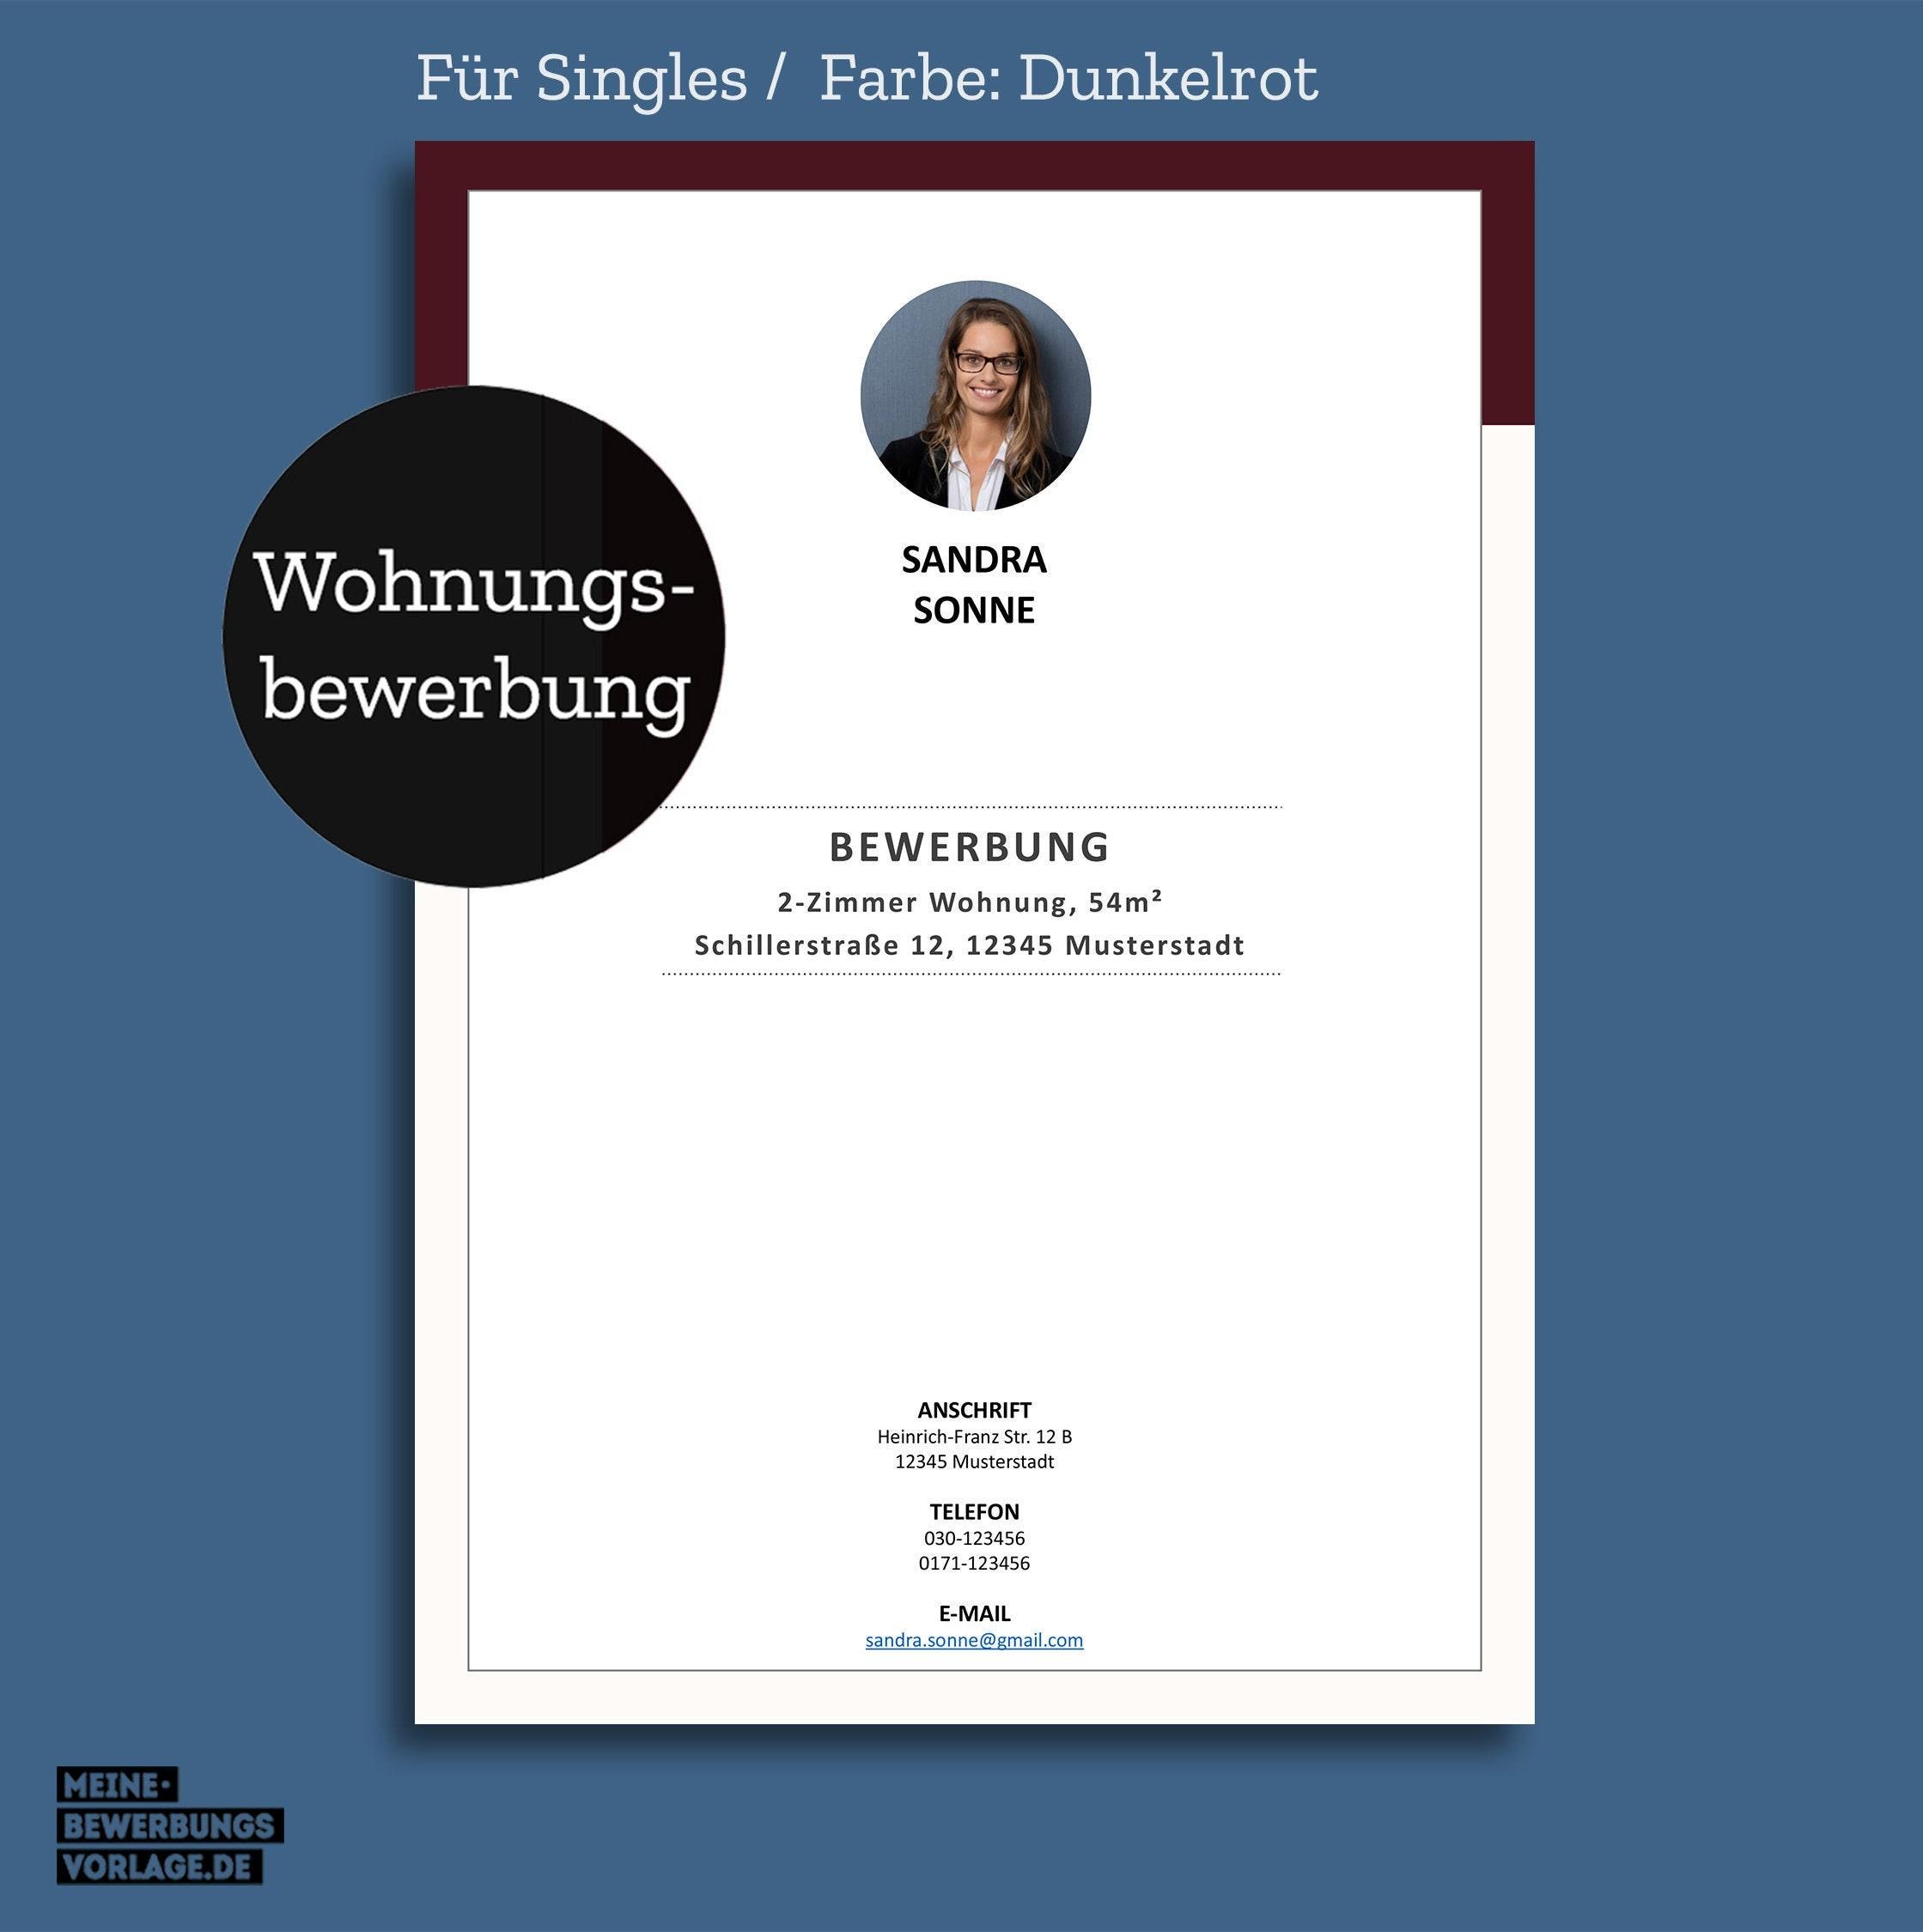 Muster single wohnung bewerbung Bewerbungsschreiben für